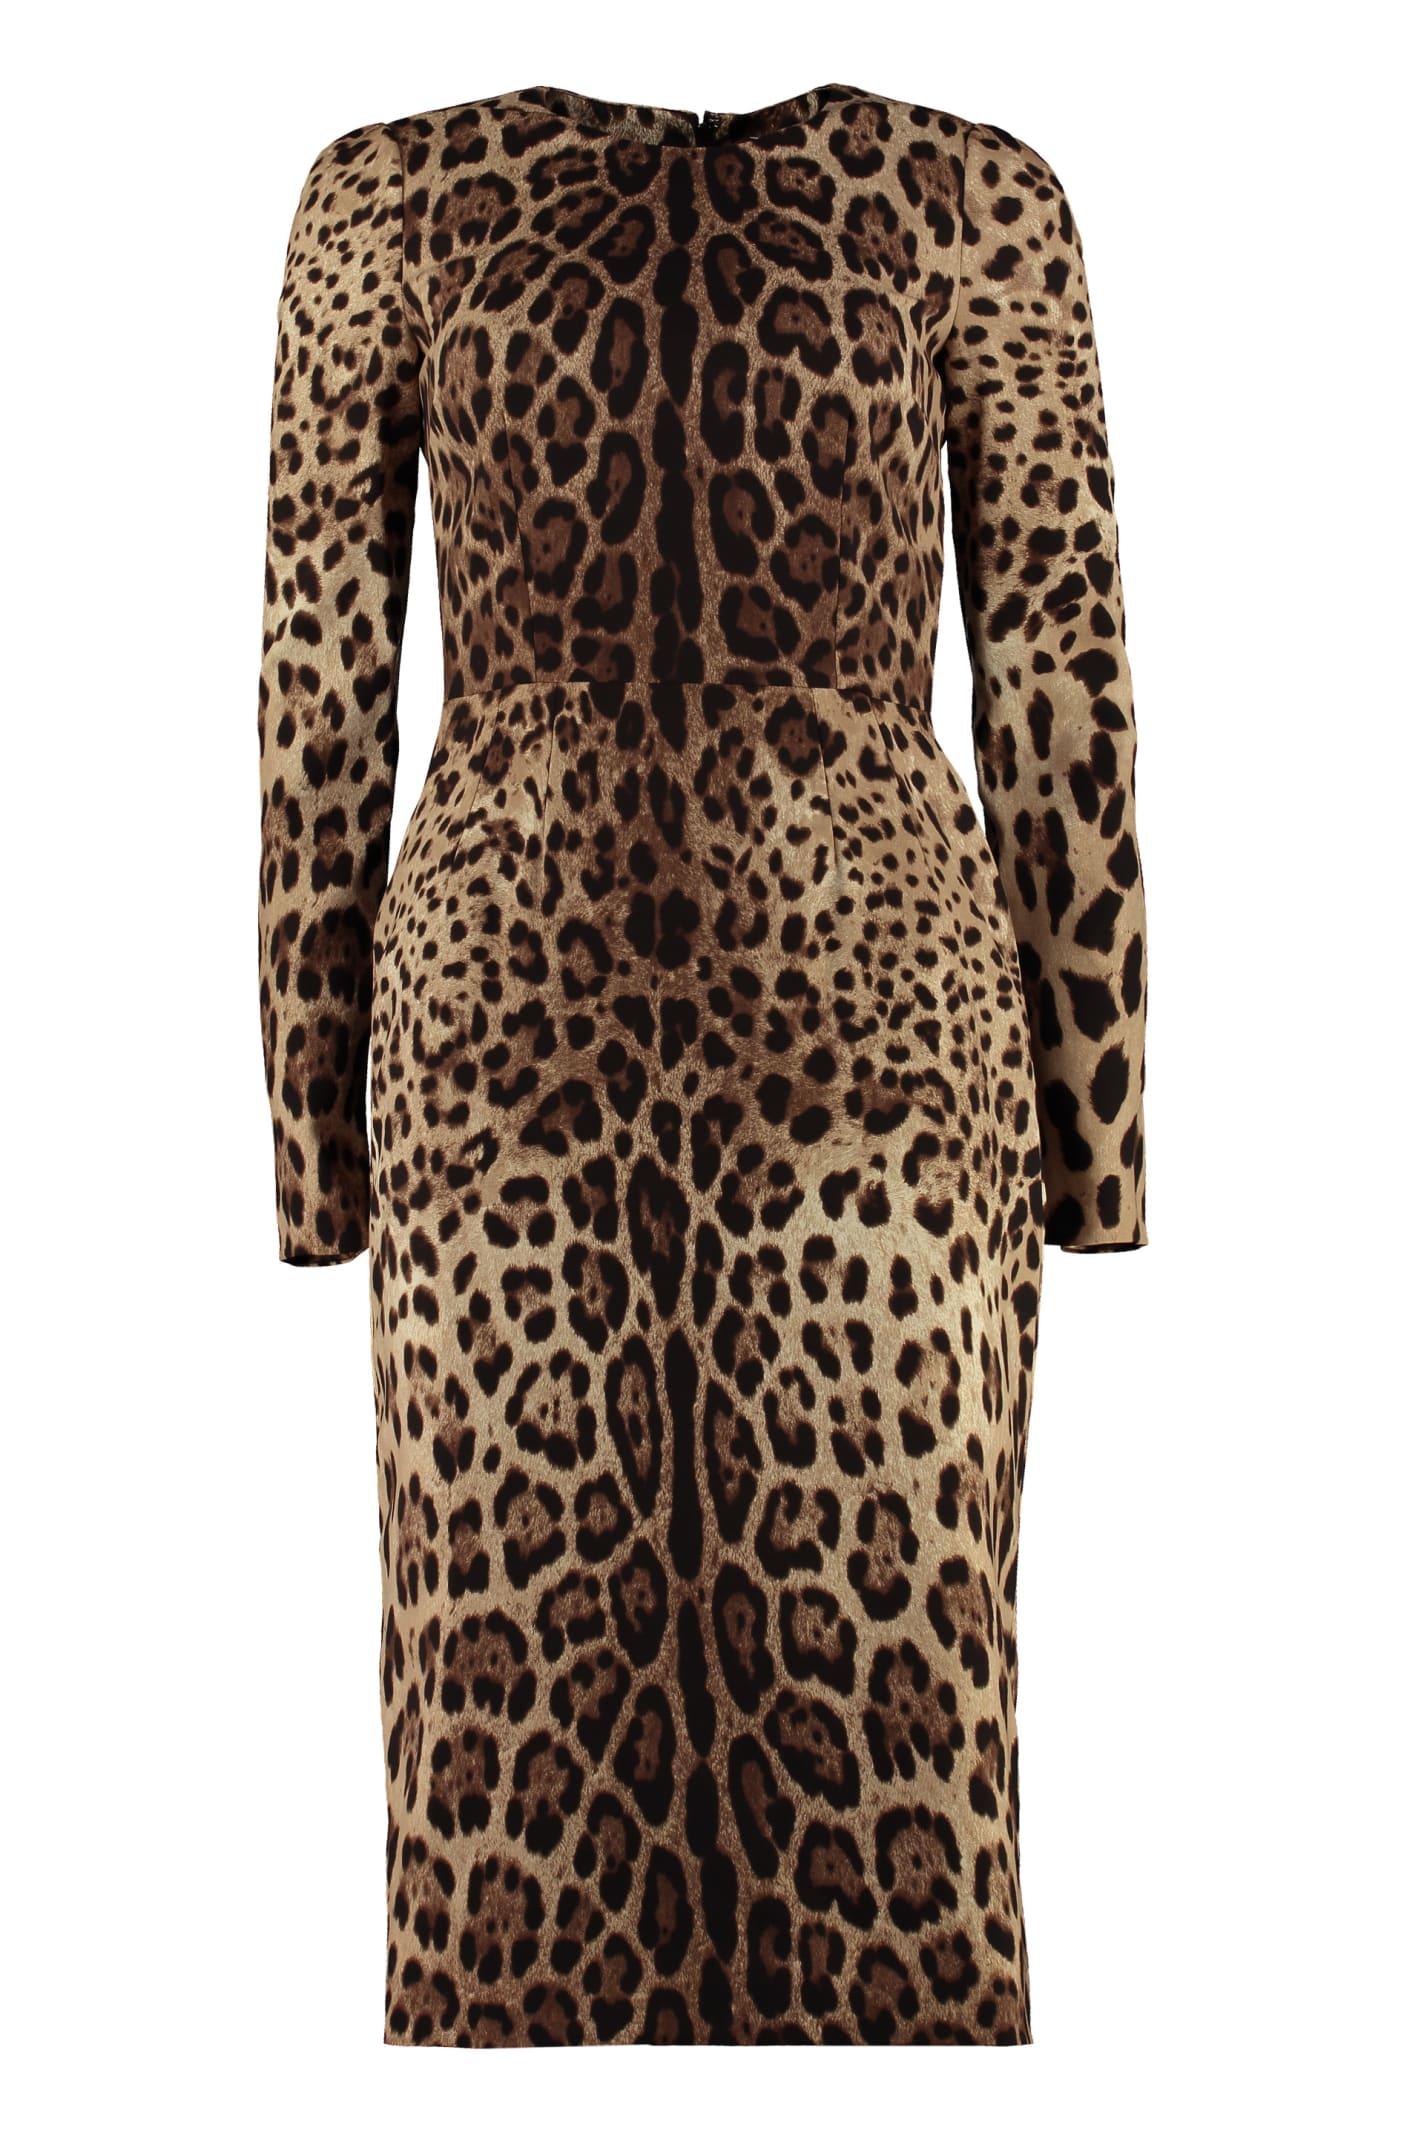 Dolce & Gabbana Leopard Print Silk Sheath-dress